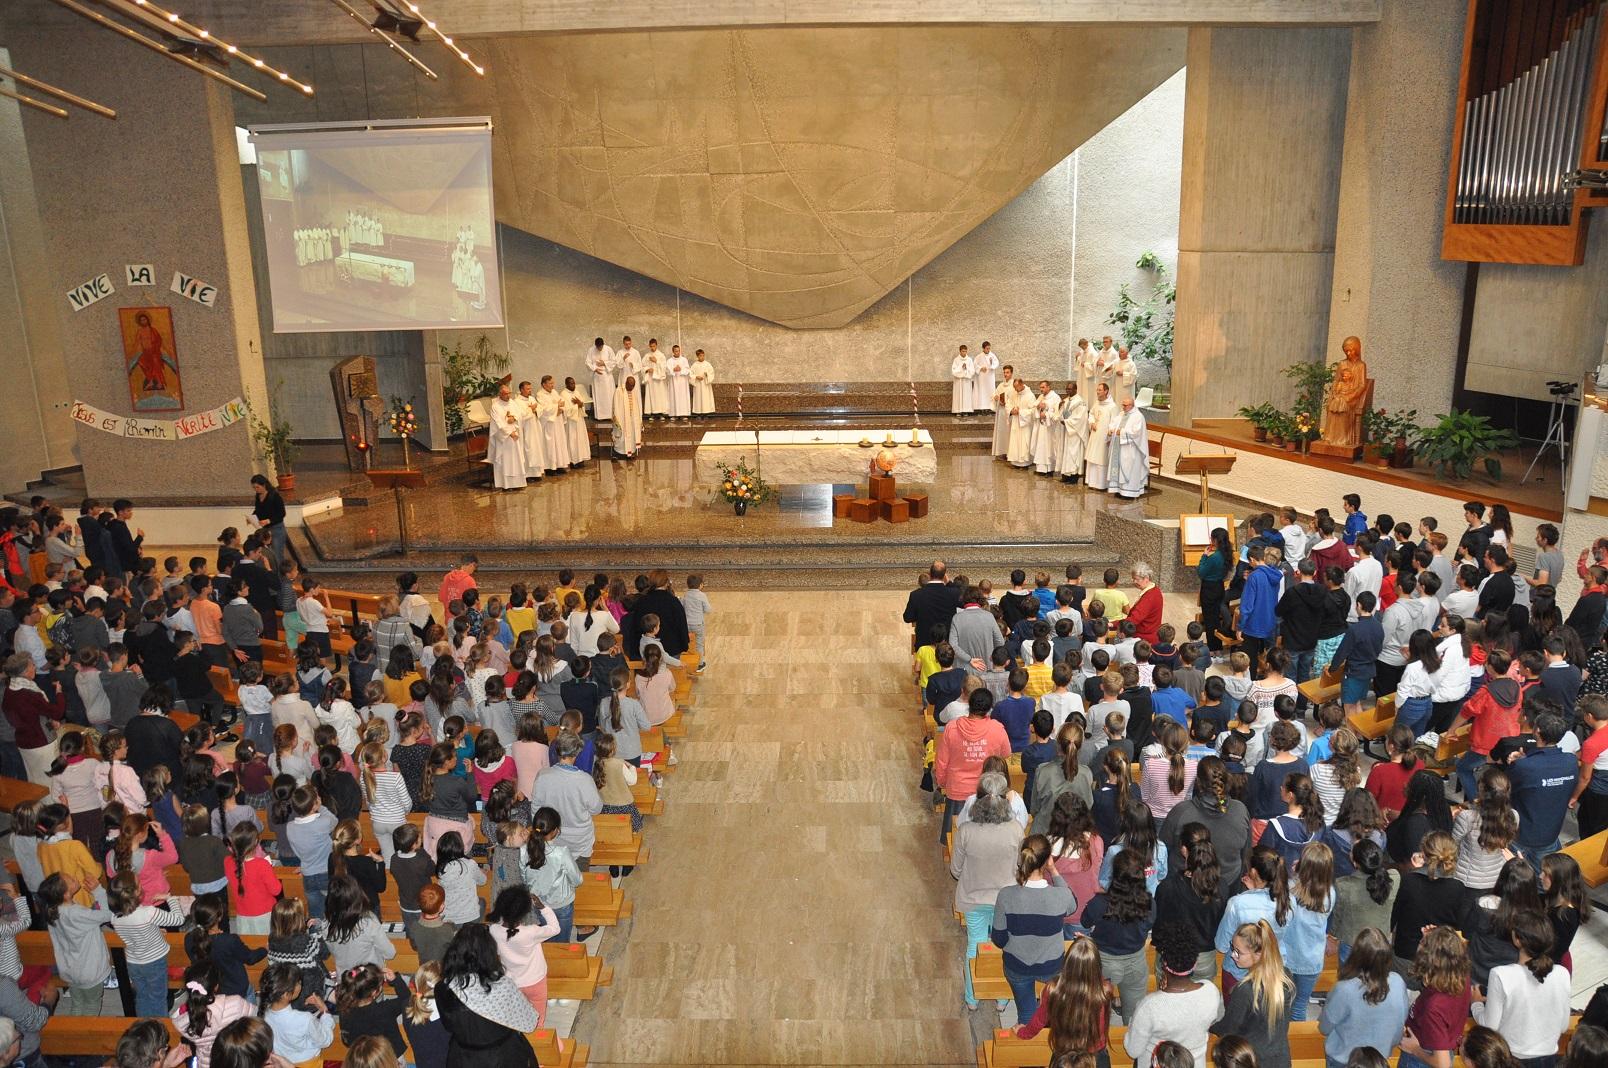 début de l'Eucharistie